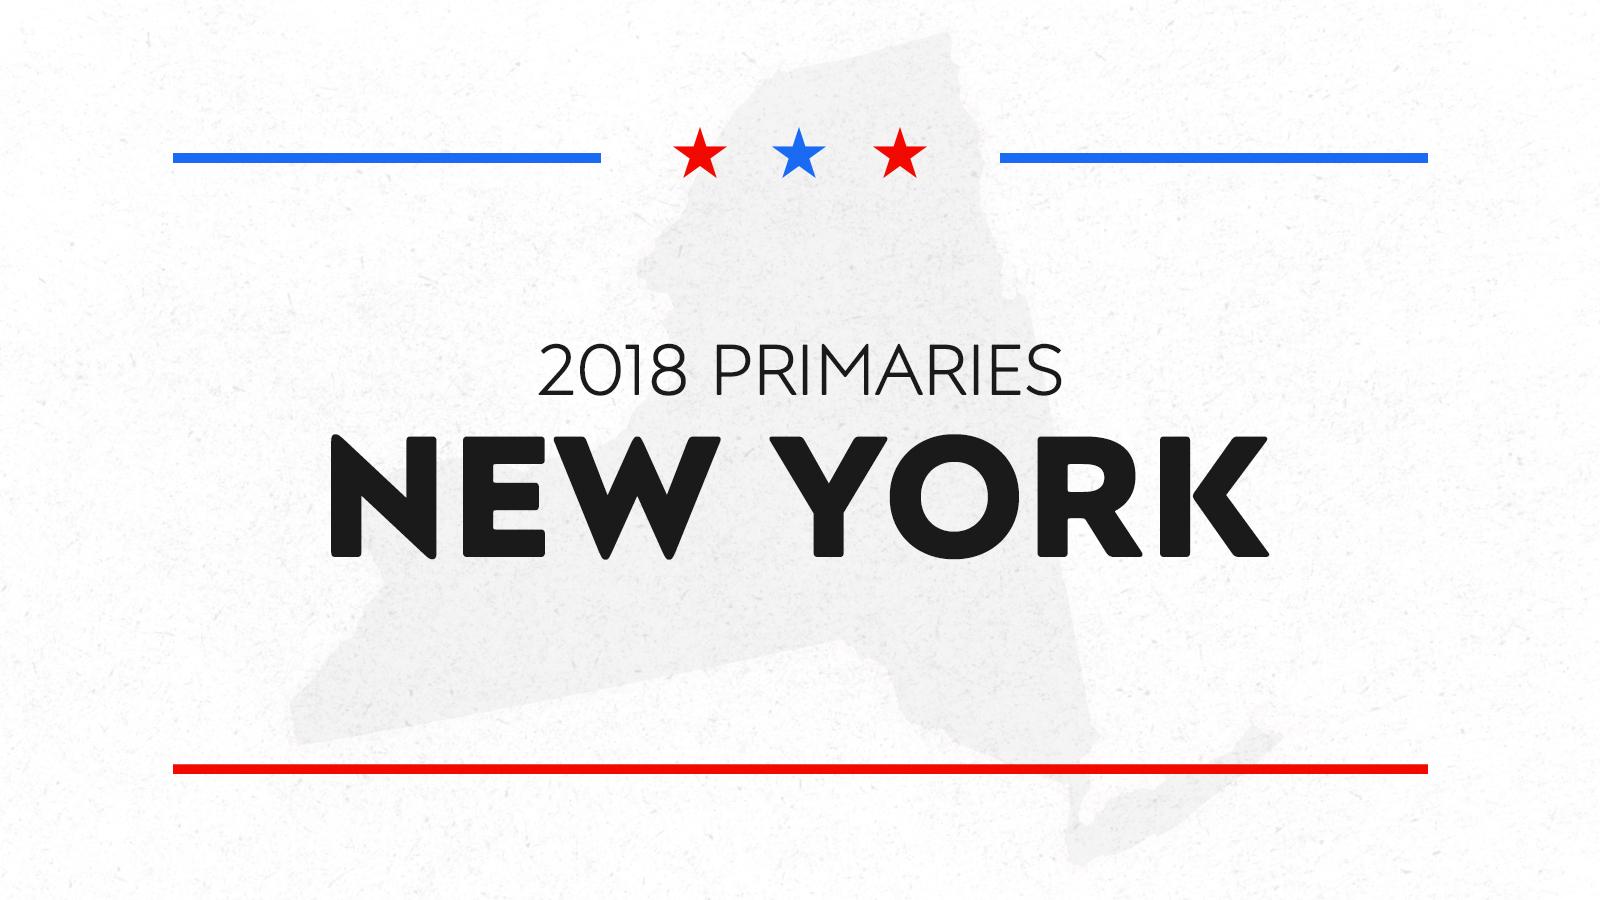 New York Primary Election